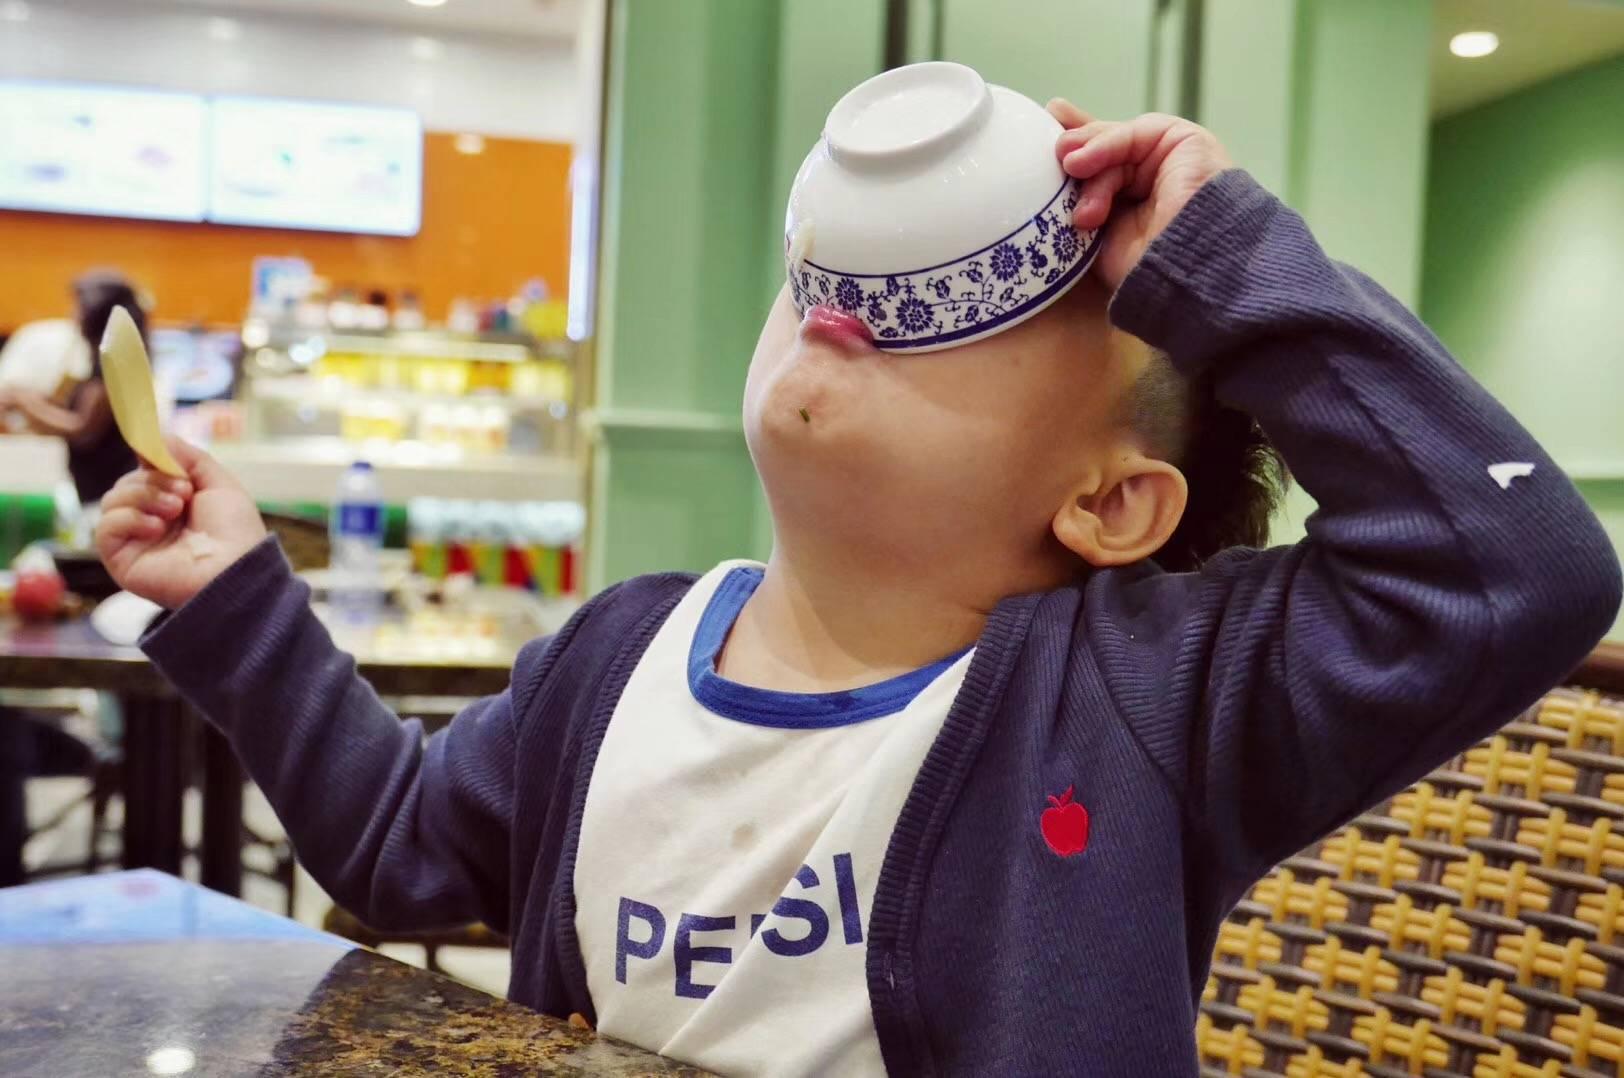 【美食无限式】孩子眼中的澳门美食